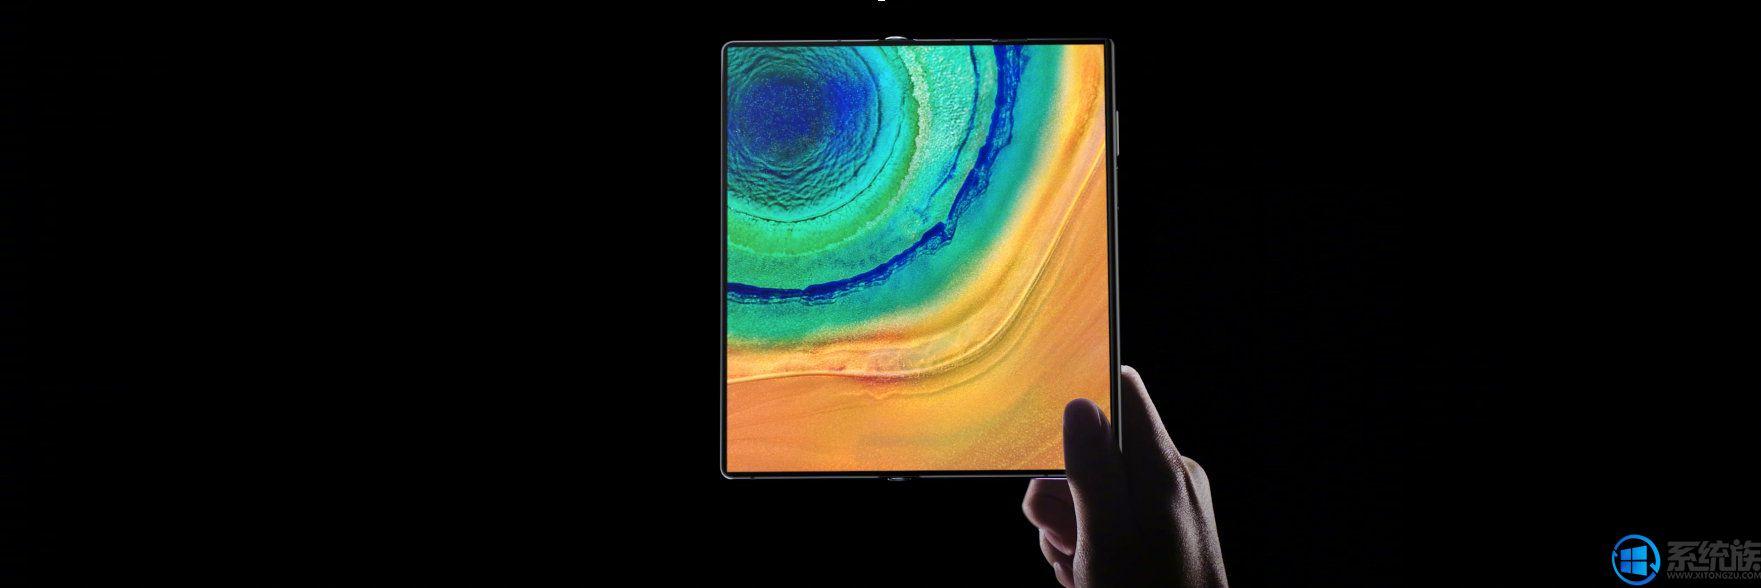 华为推出新一代折叠屏手机MateXs,将于2月26日开启线上预约